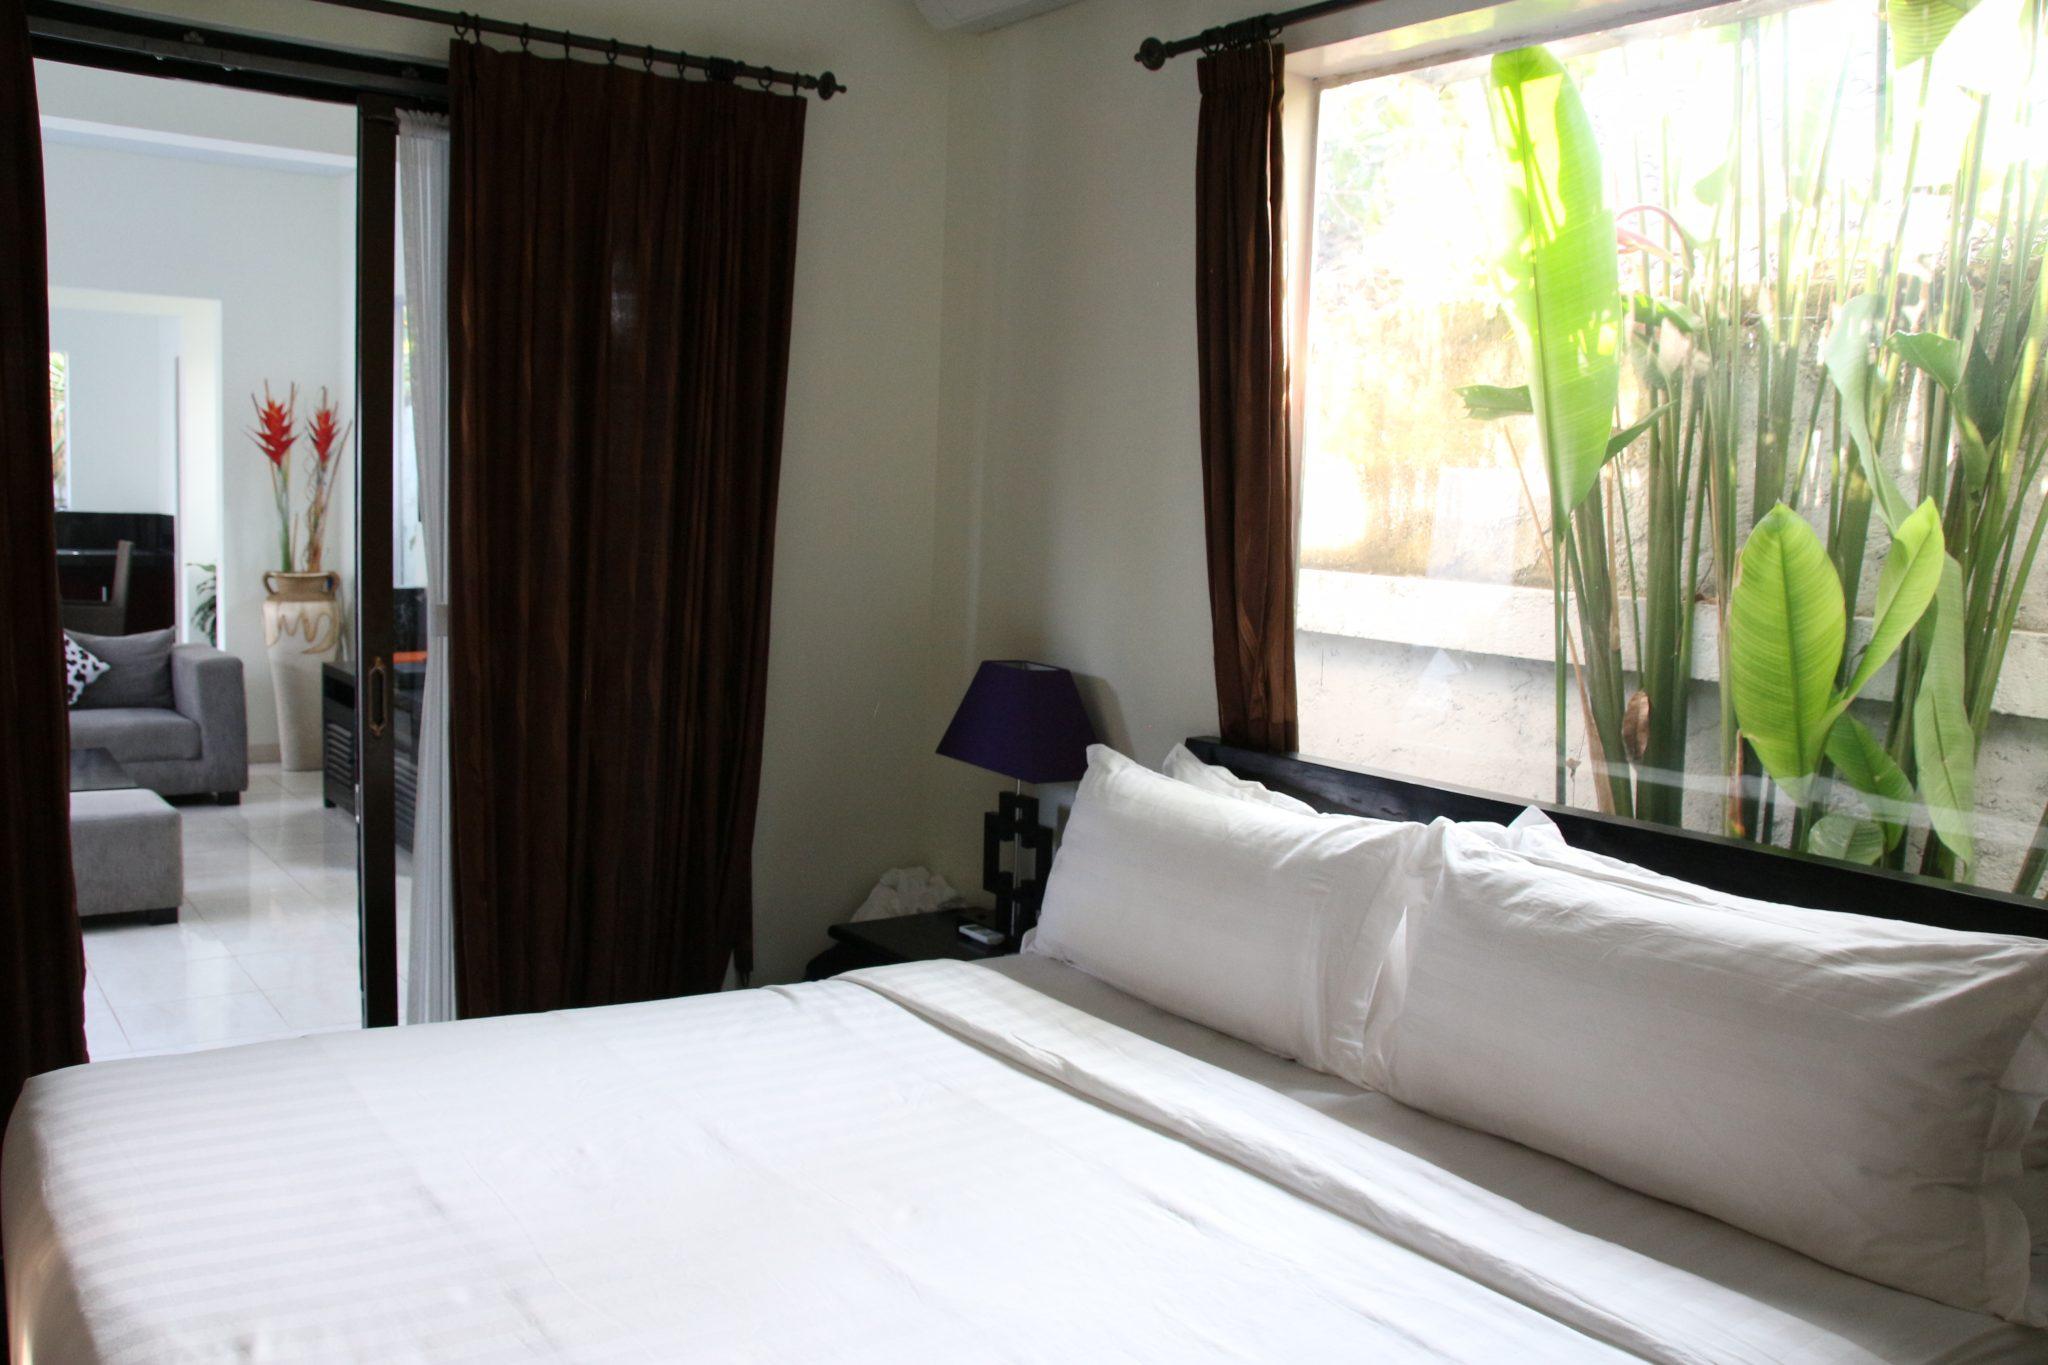 Bedroom at Bahagia Villas, Sanur, Bali